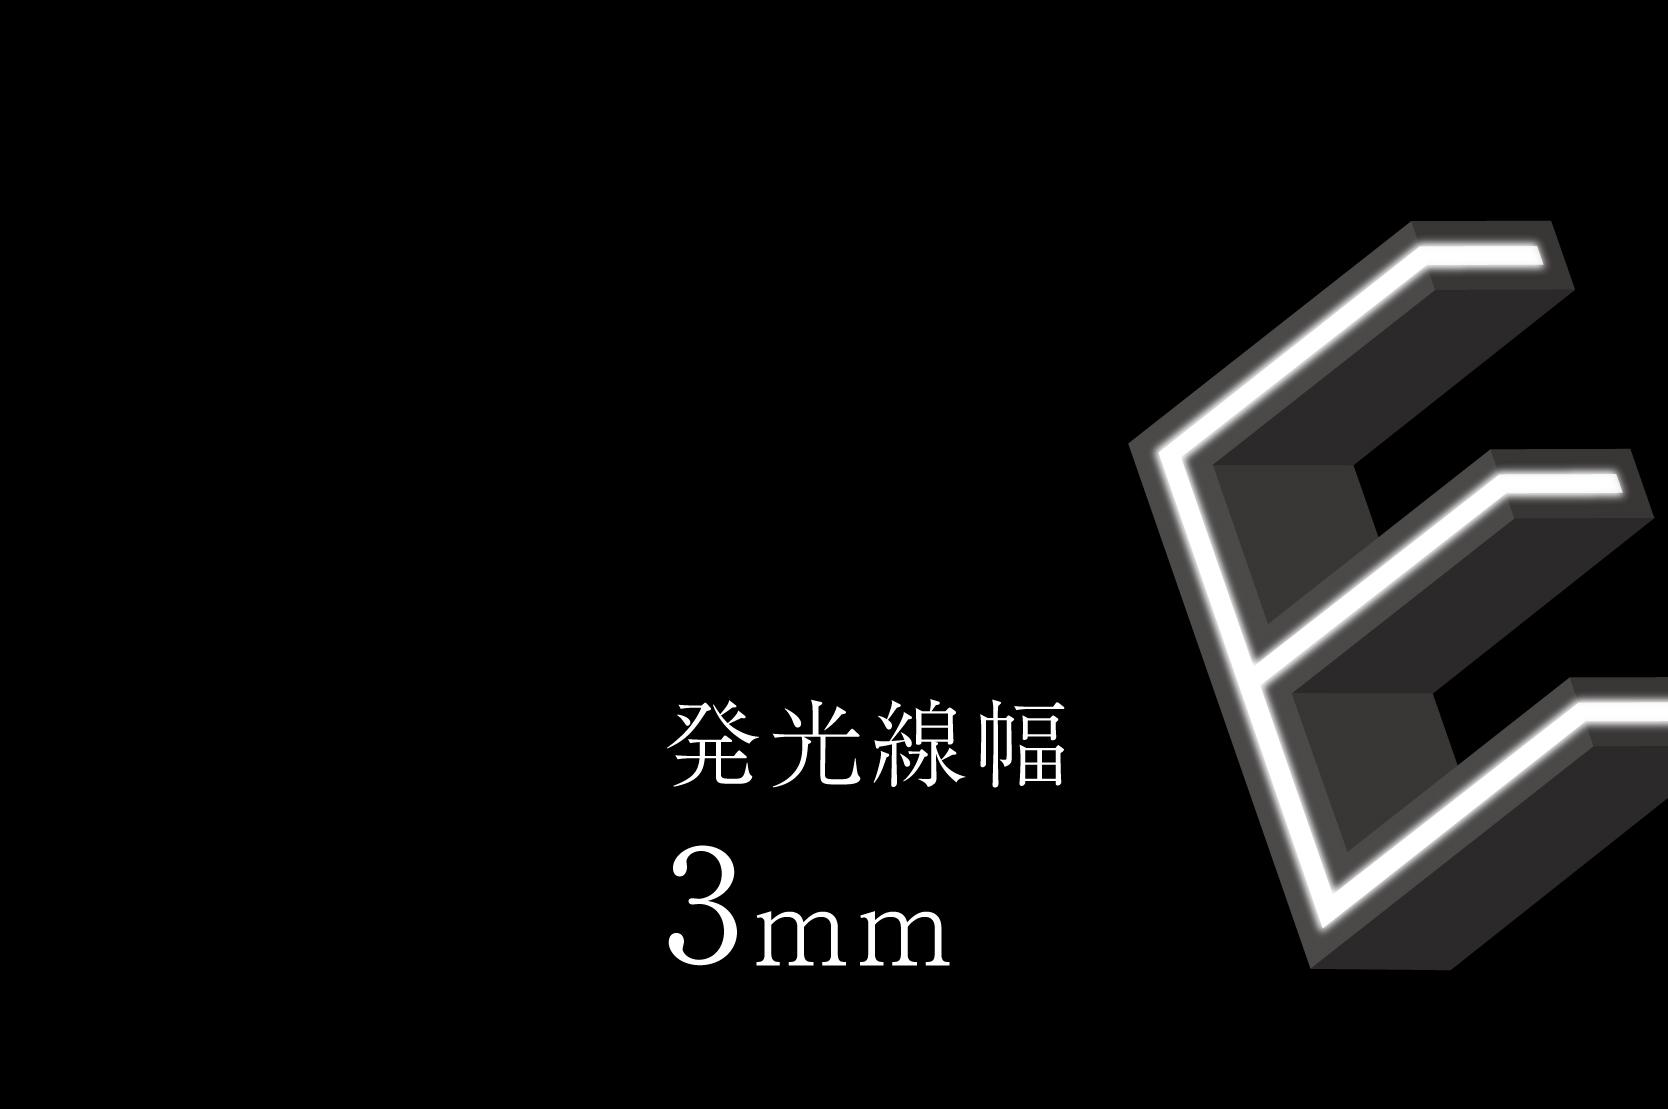 発光線幅3mm